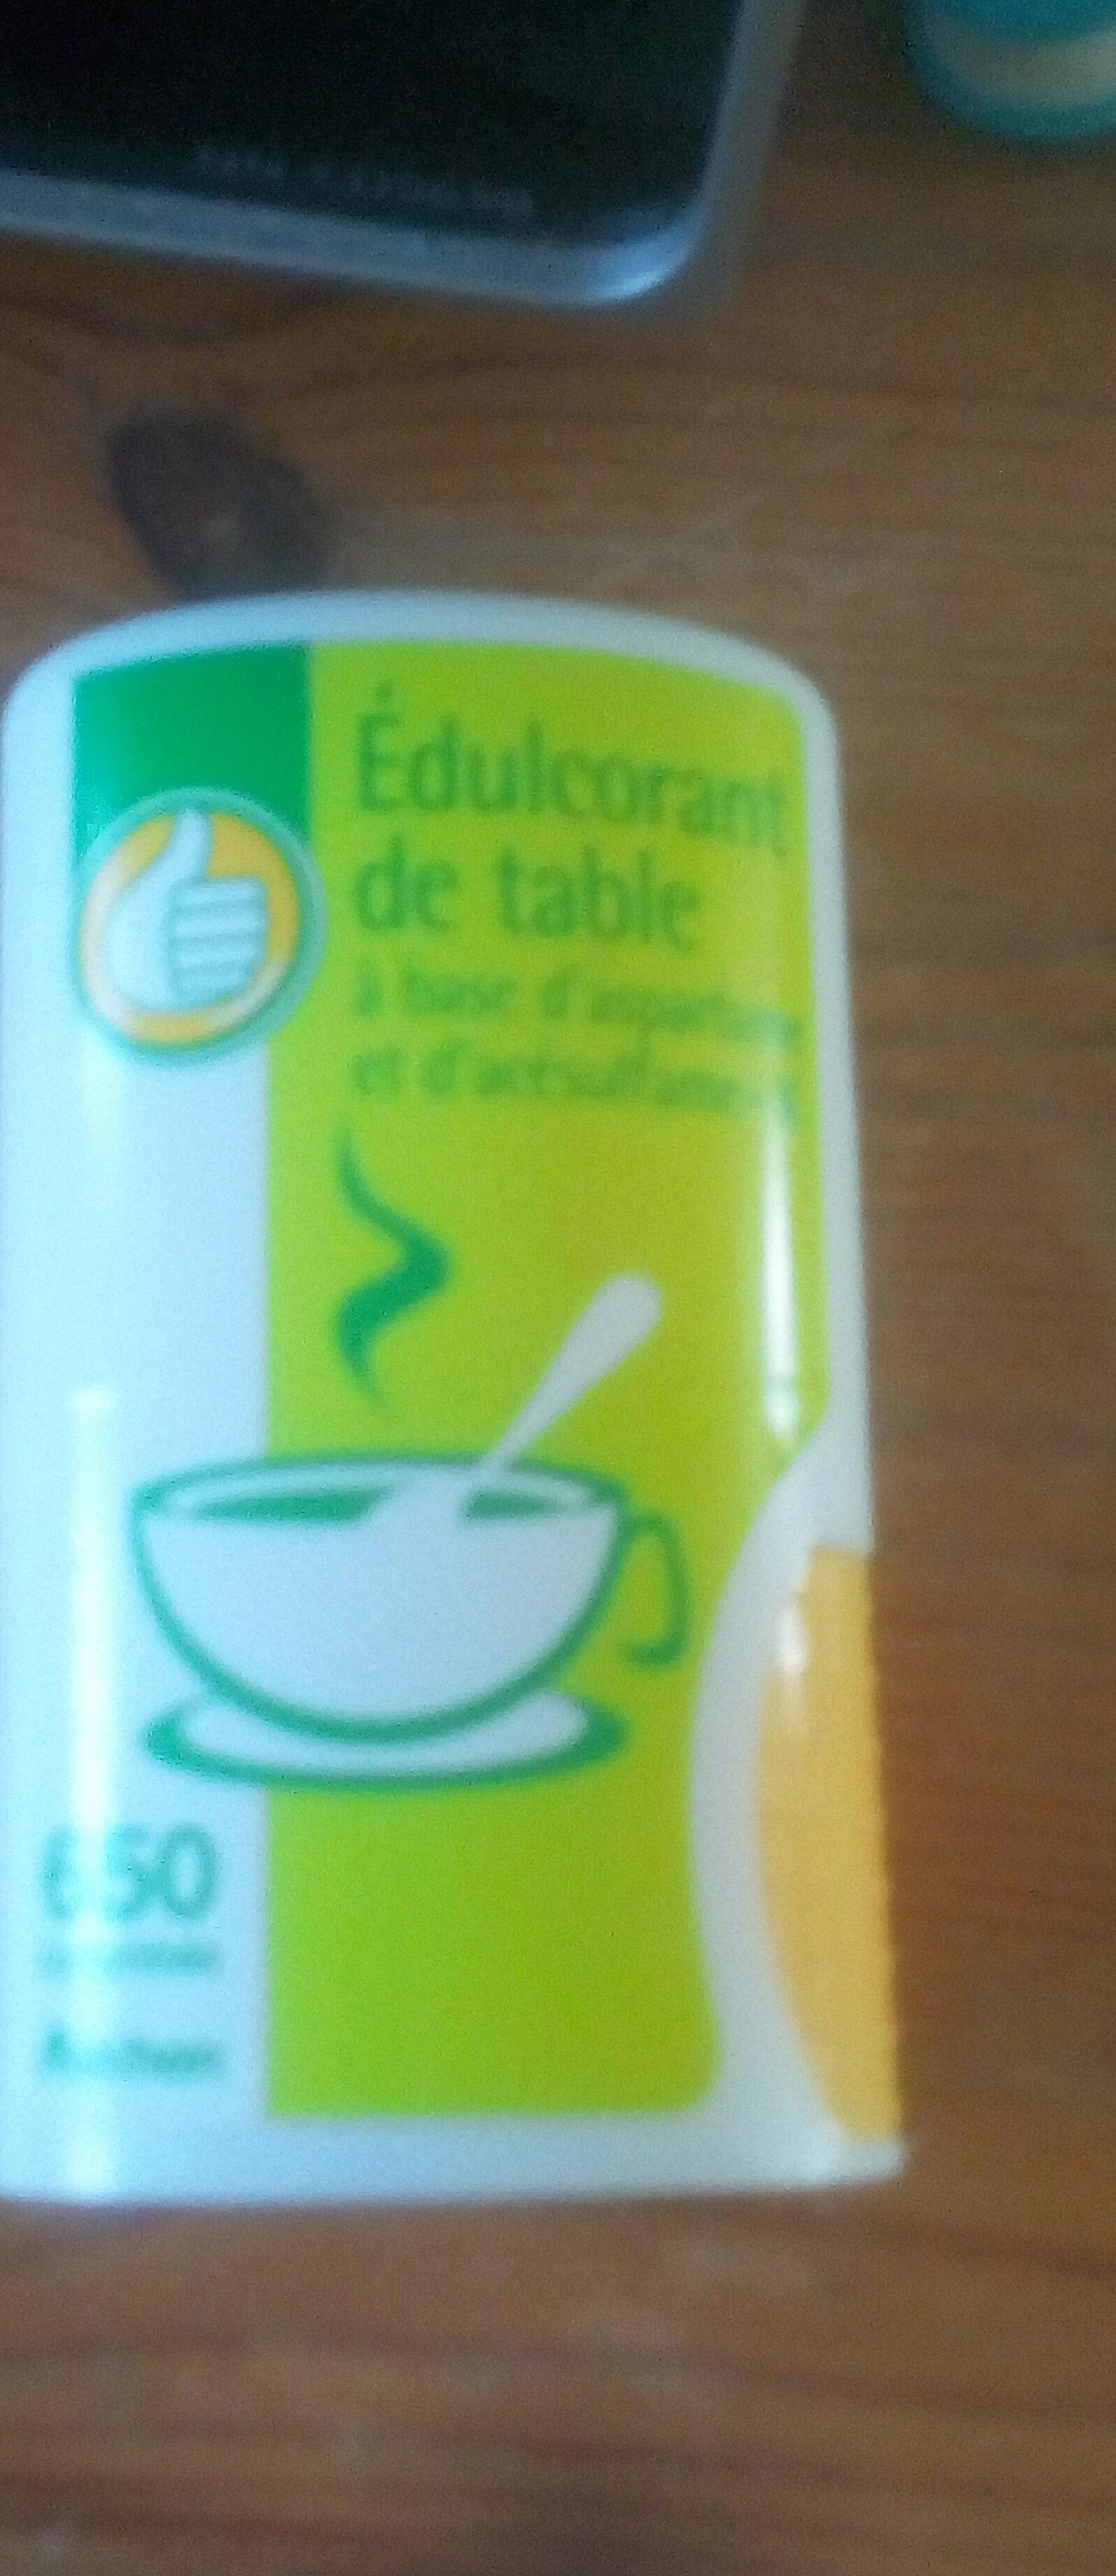 Édulcorants de table - Informations nutritionnelles - fr